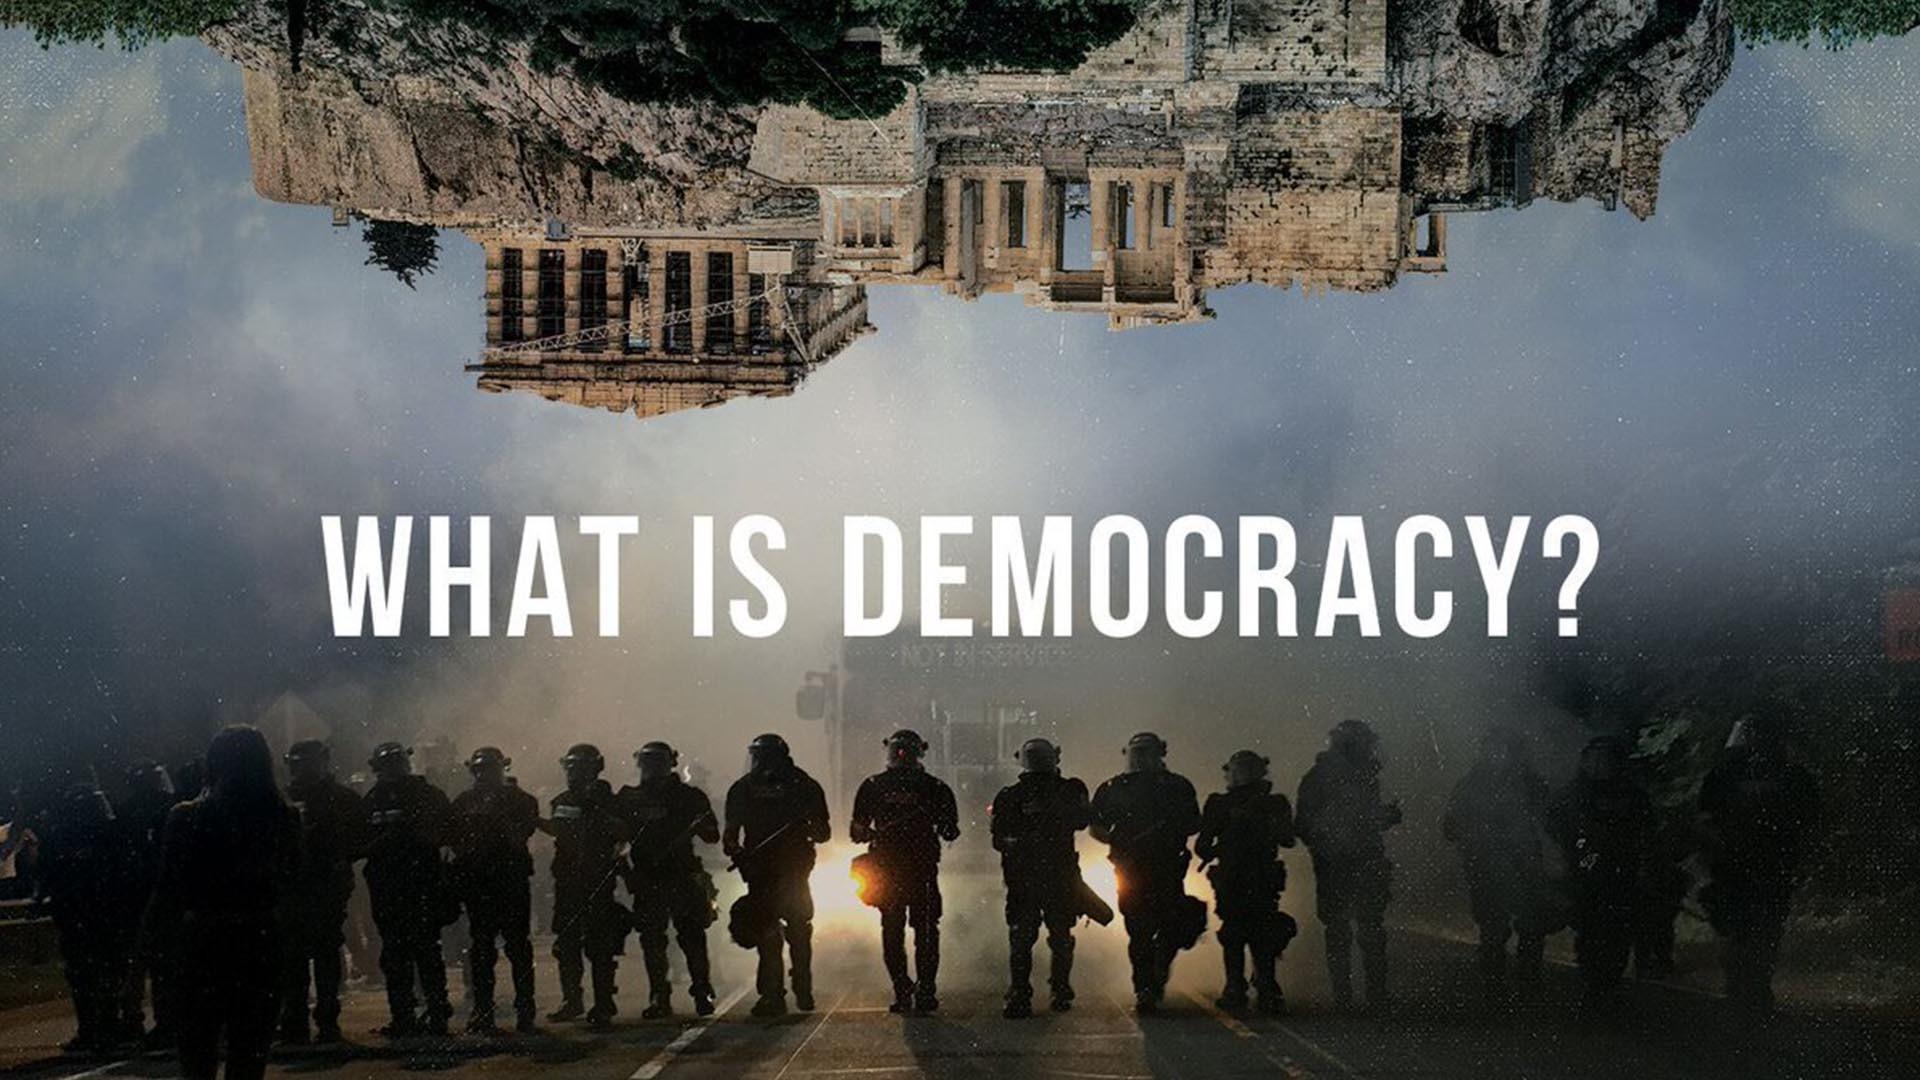 الديمقراطية .. ما هي؟